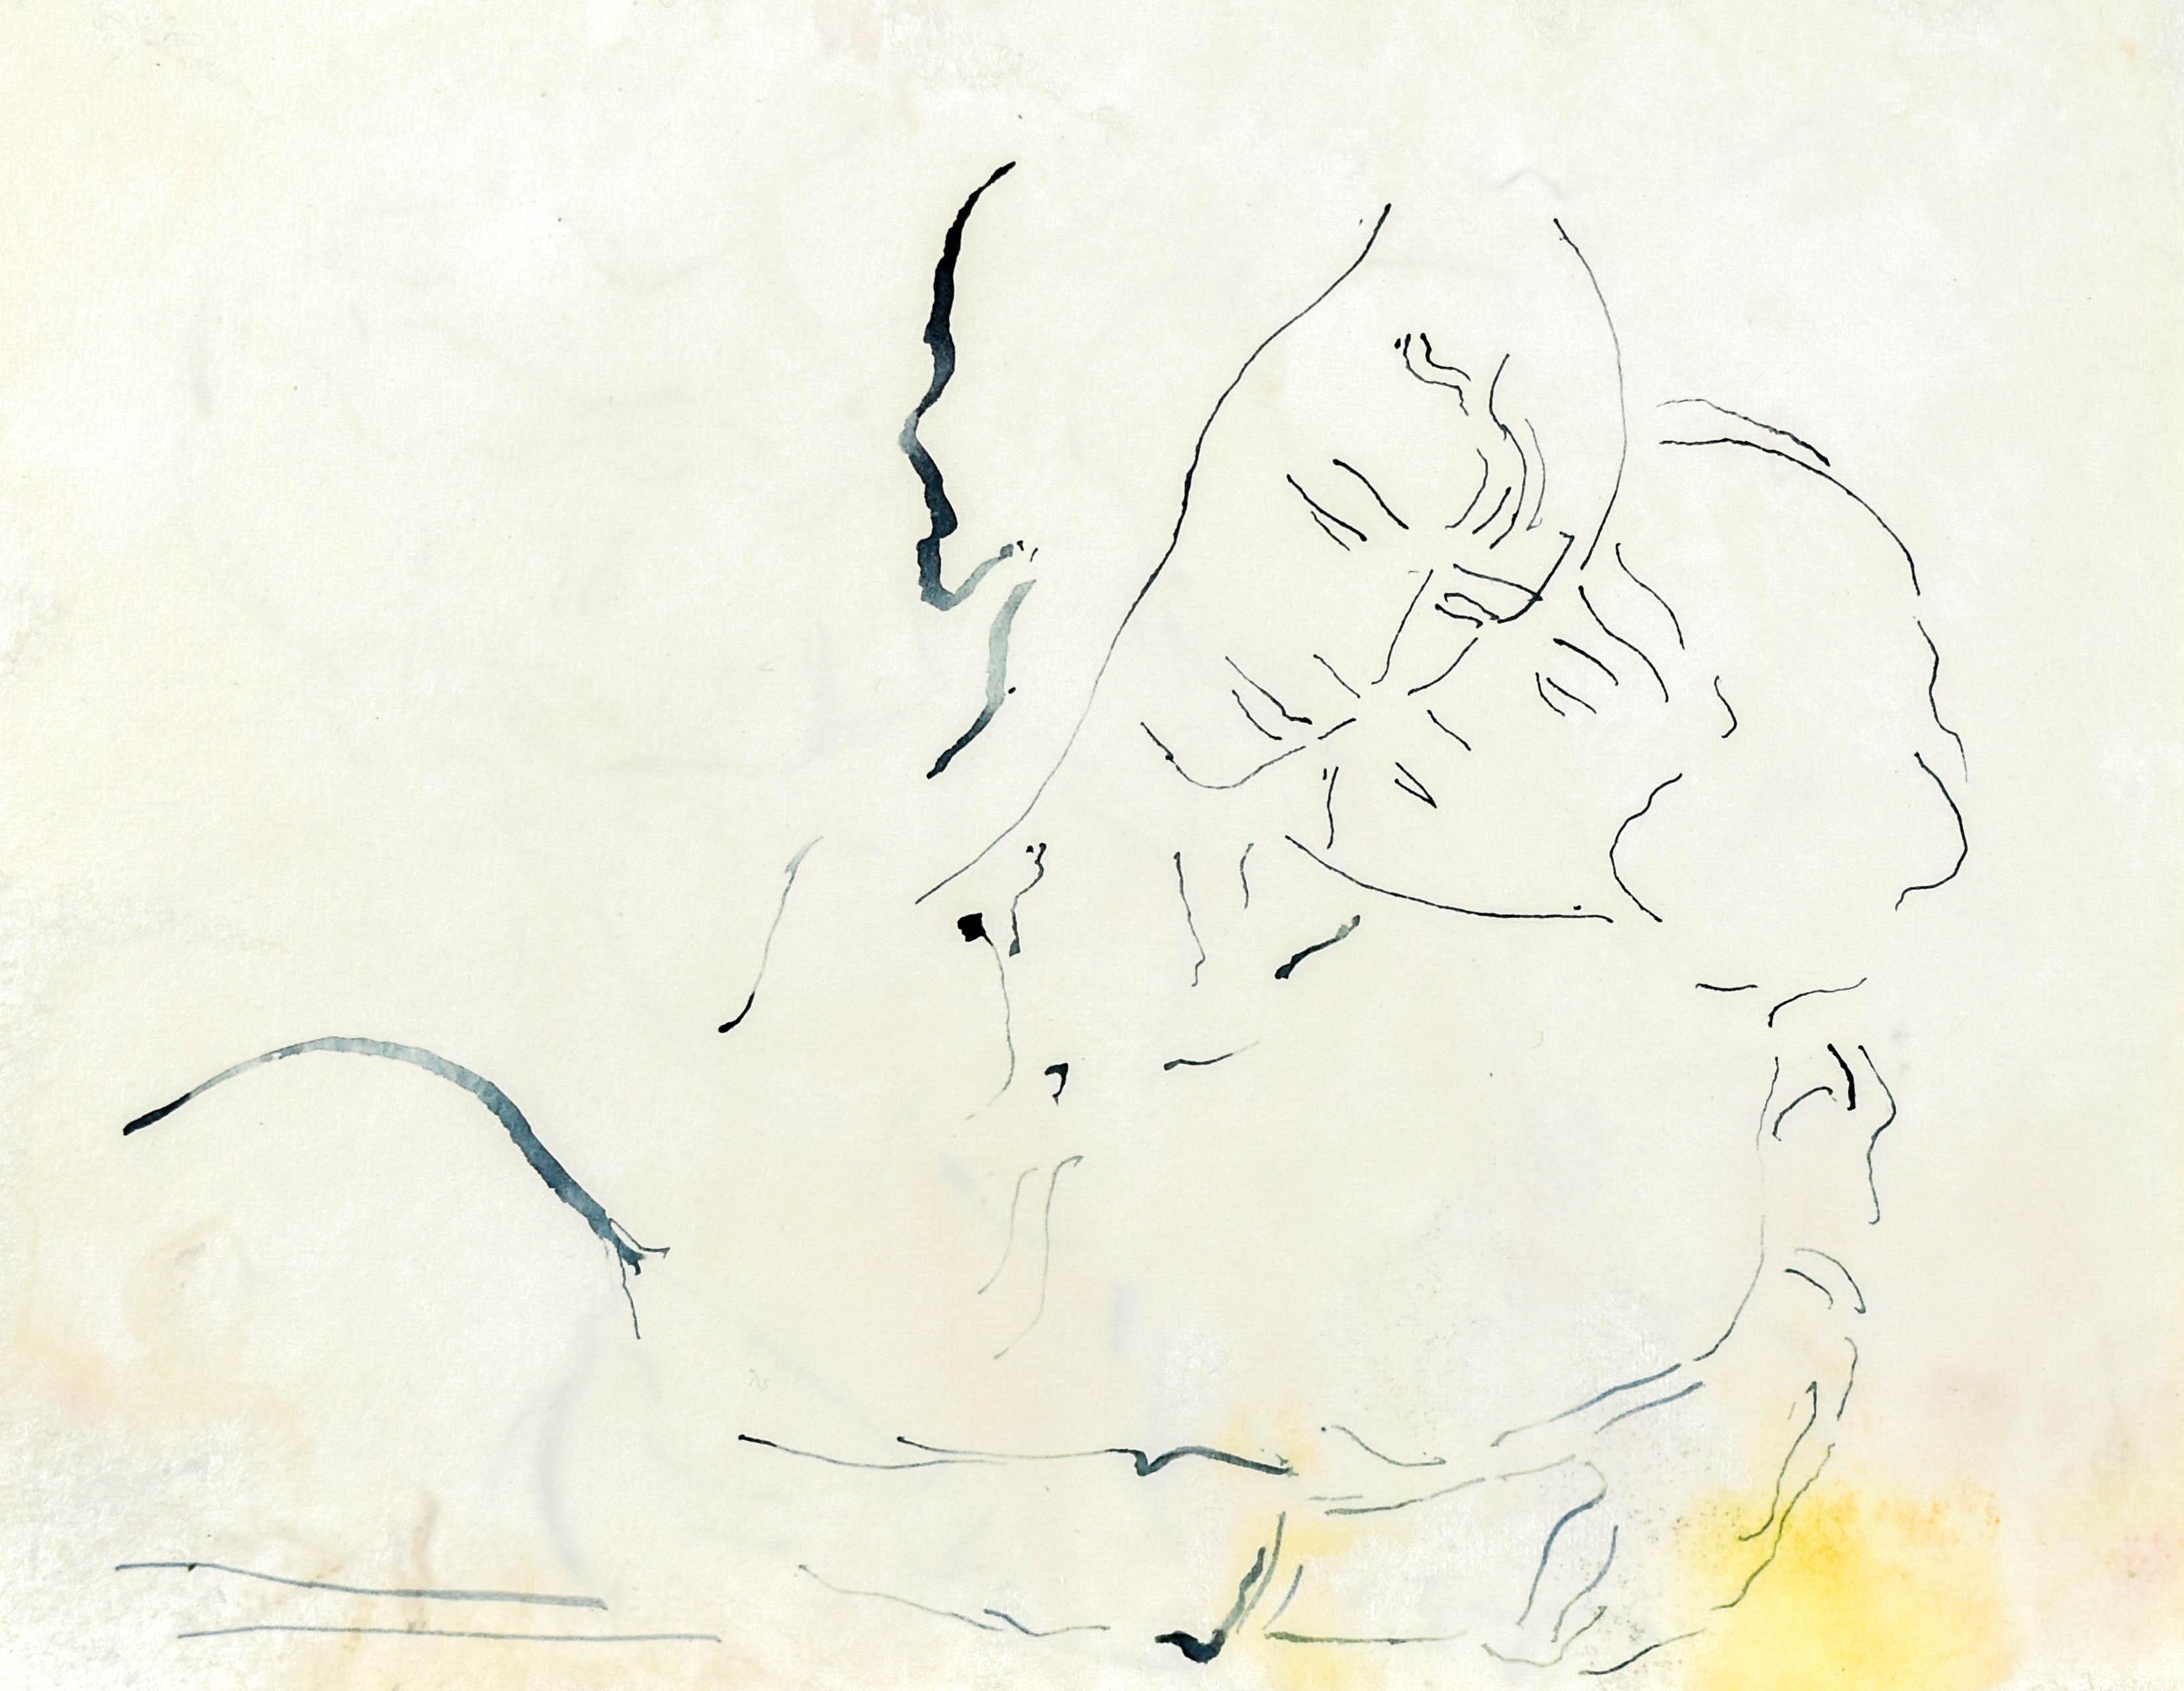 Szkic przytulającej się pary